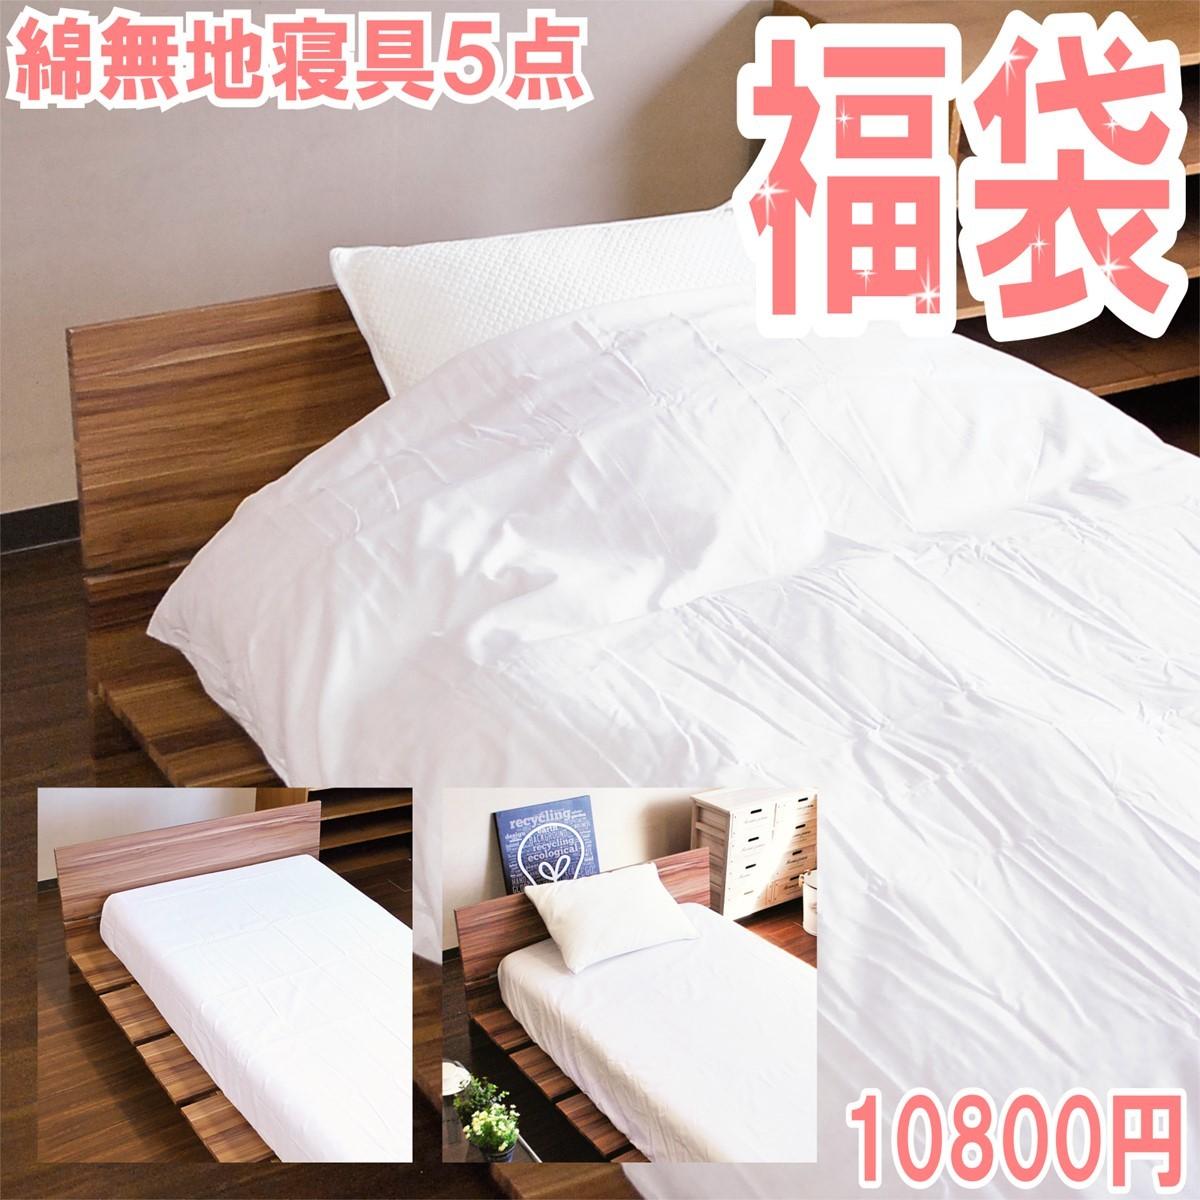 【福袋】 【2019年】 【送料無料】 日本製 綿100% 寝具5点セット シングル 無地